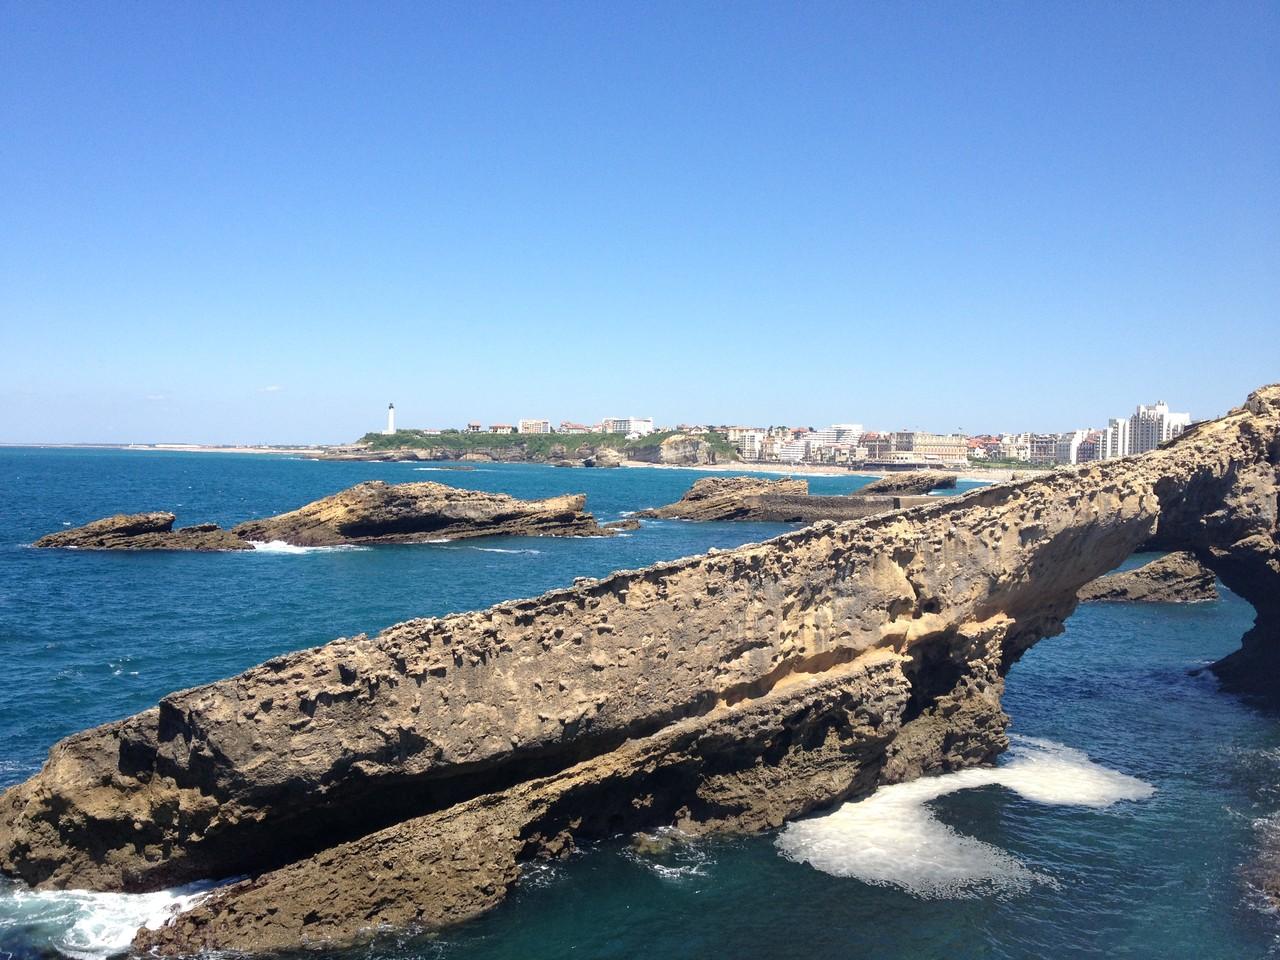 Küstenabschnitt in Biarritz